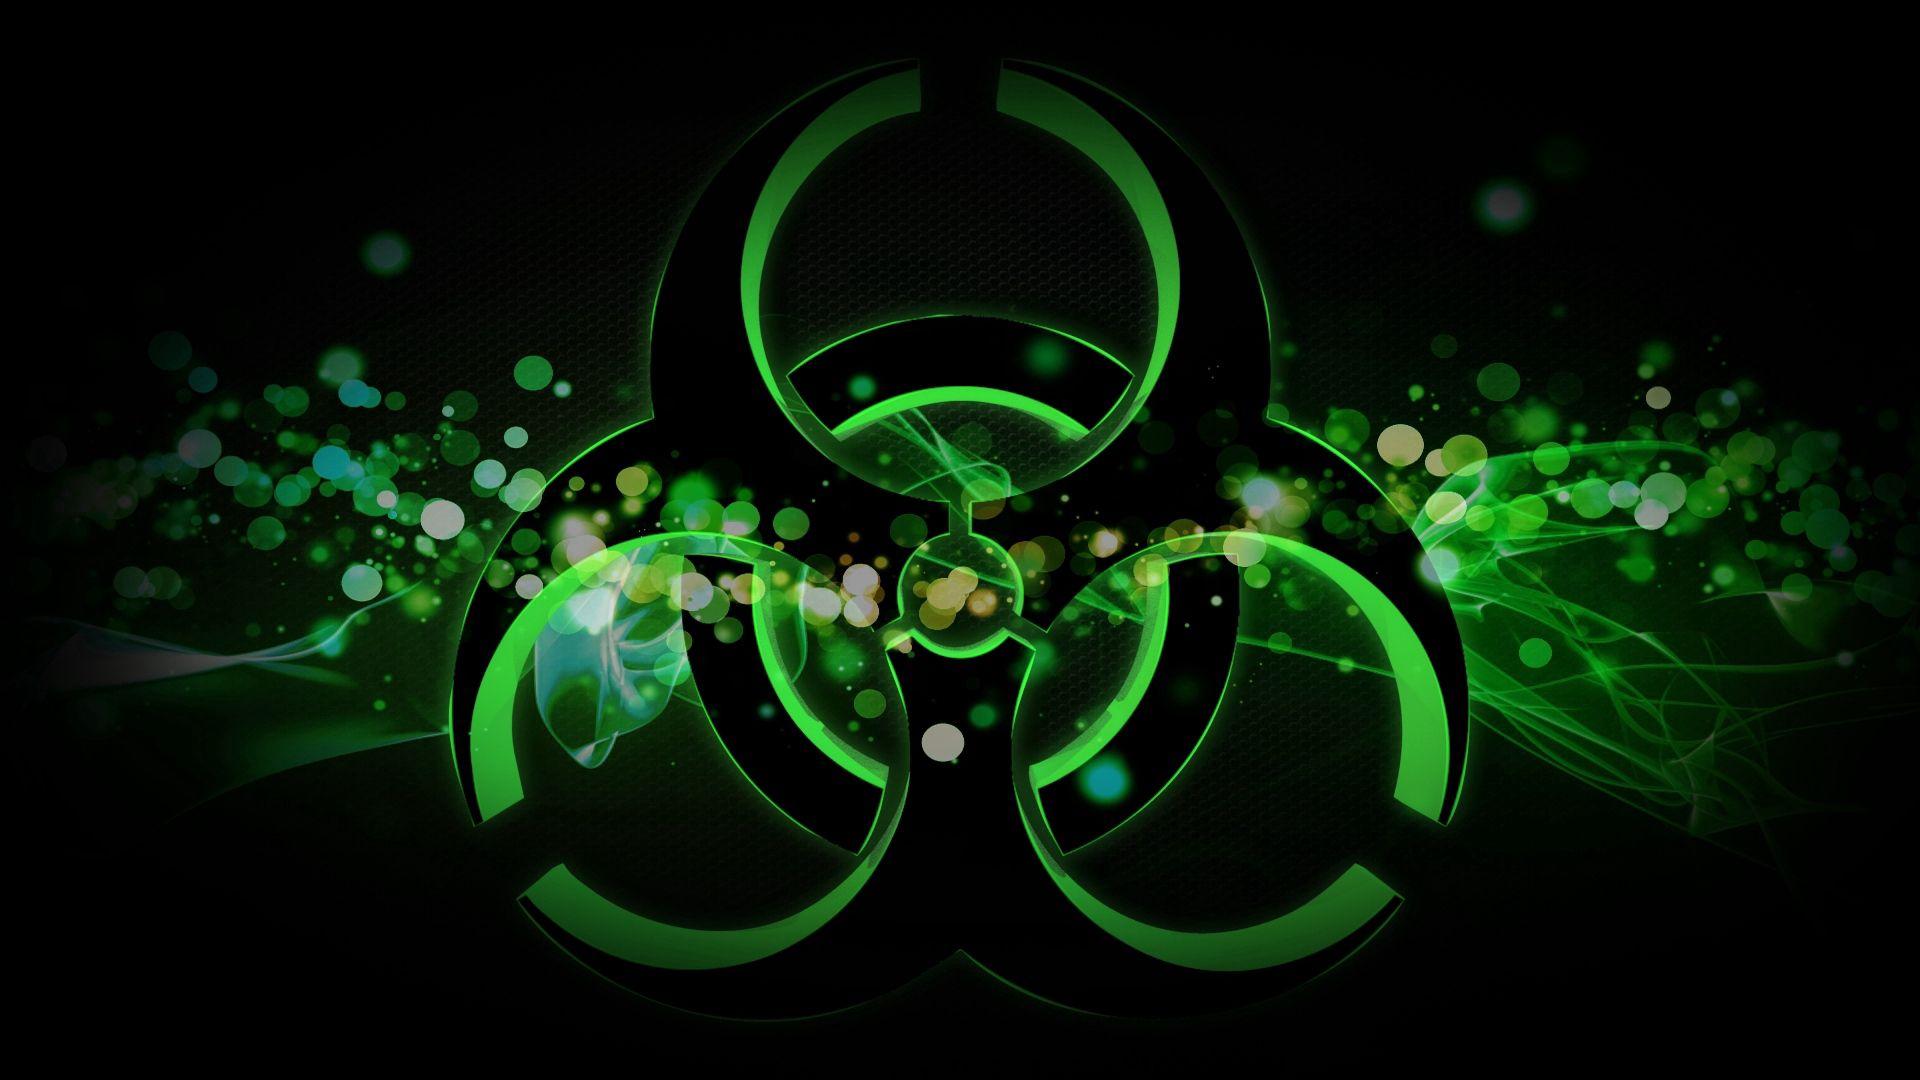 82847 Hintergrundbild herunterladen Abstrakt, Zeichen, Schild, Flecken, Spots, Strahlung - Bildschirmschoner und Bilder kostenlos